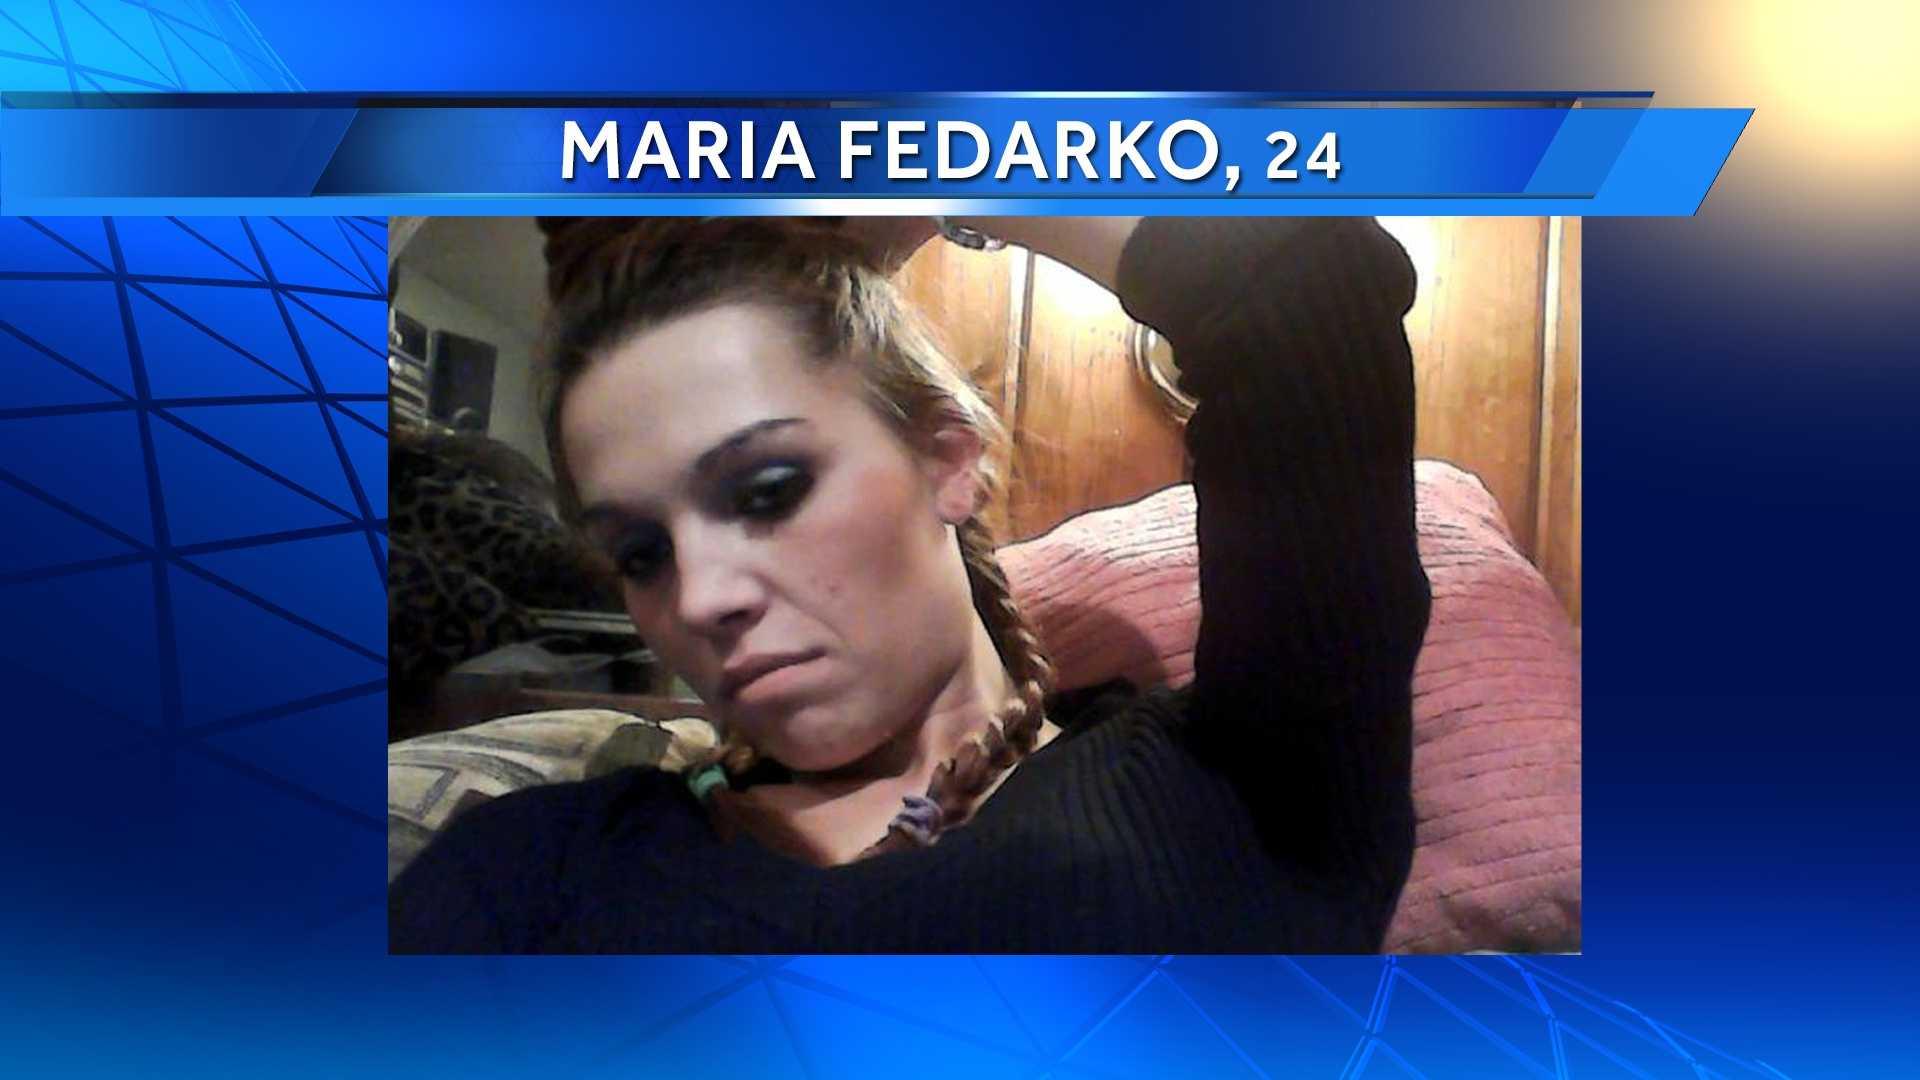 Maria Fedarko